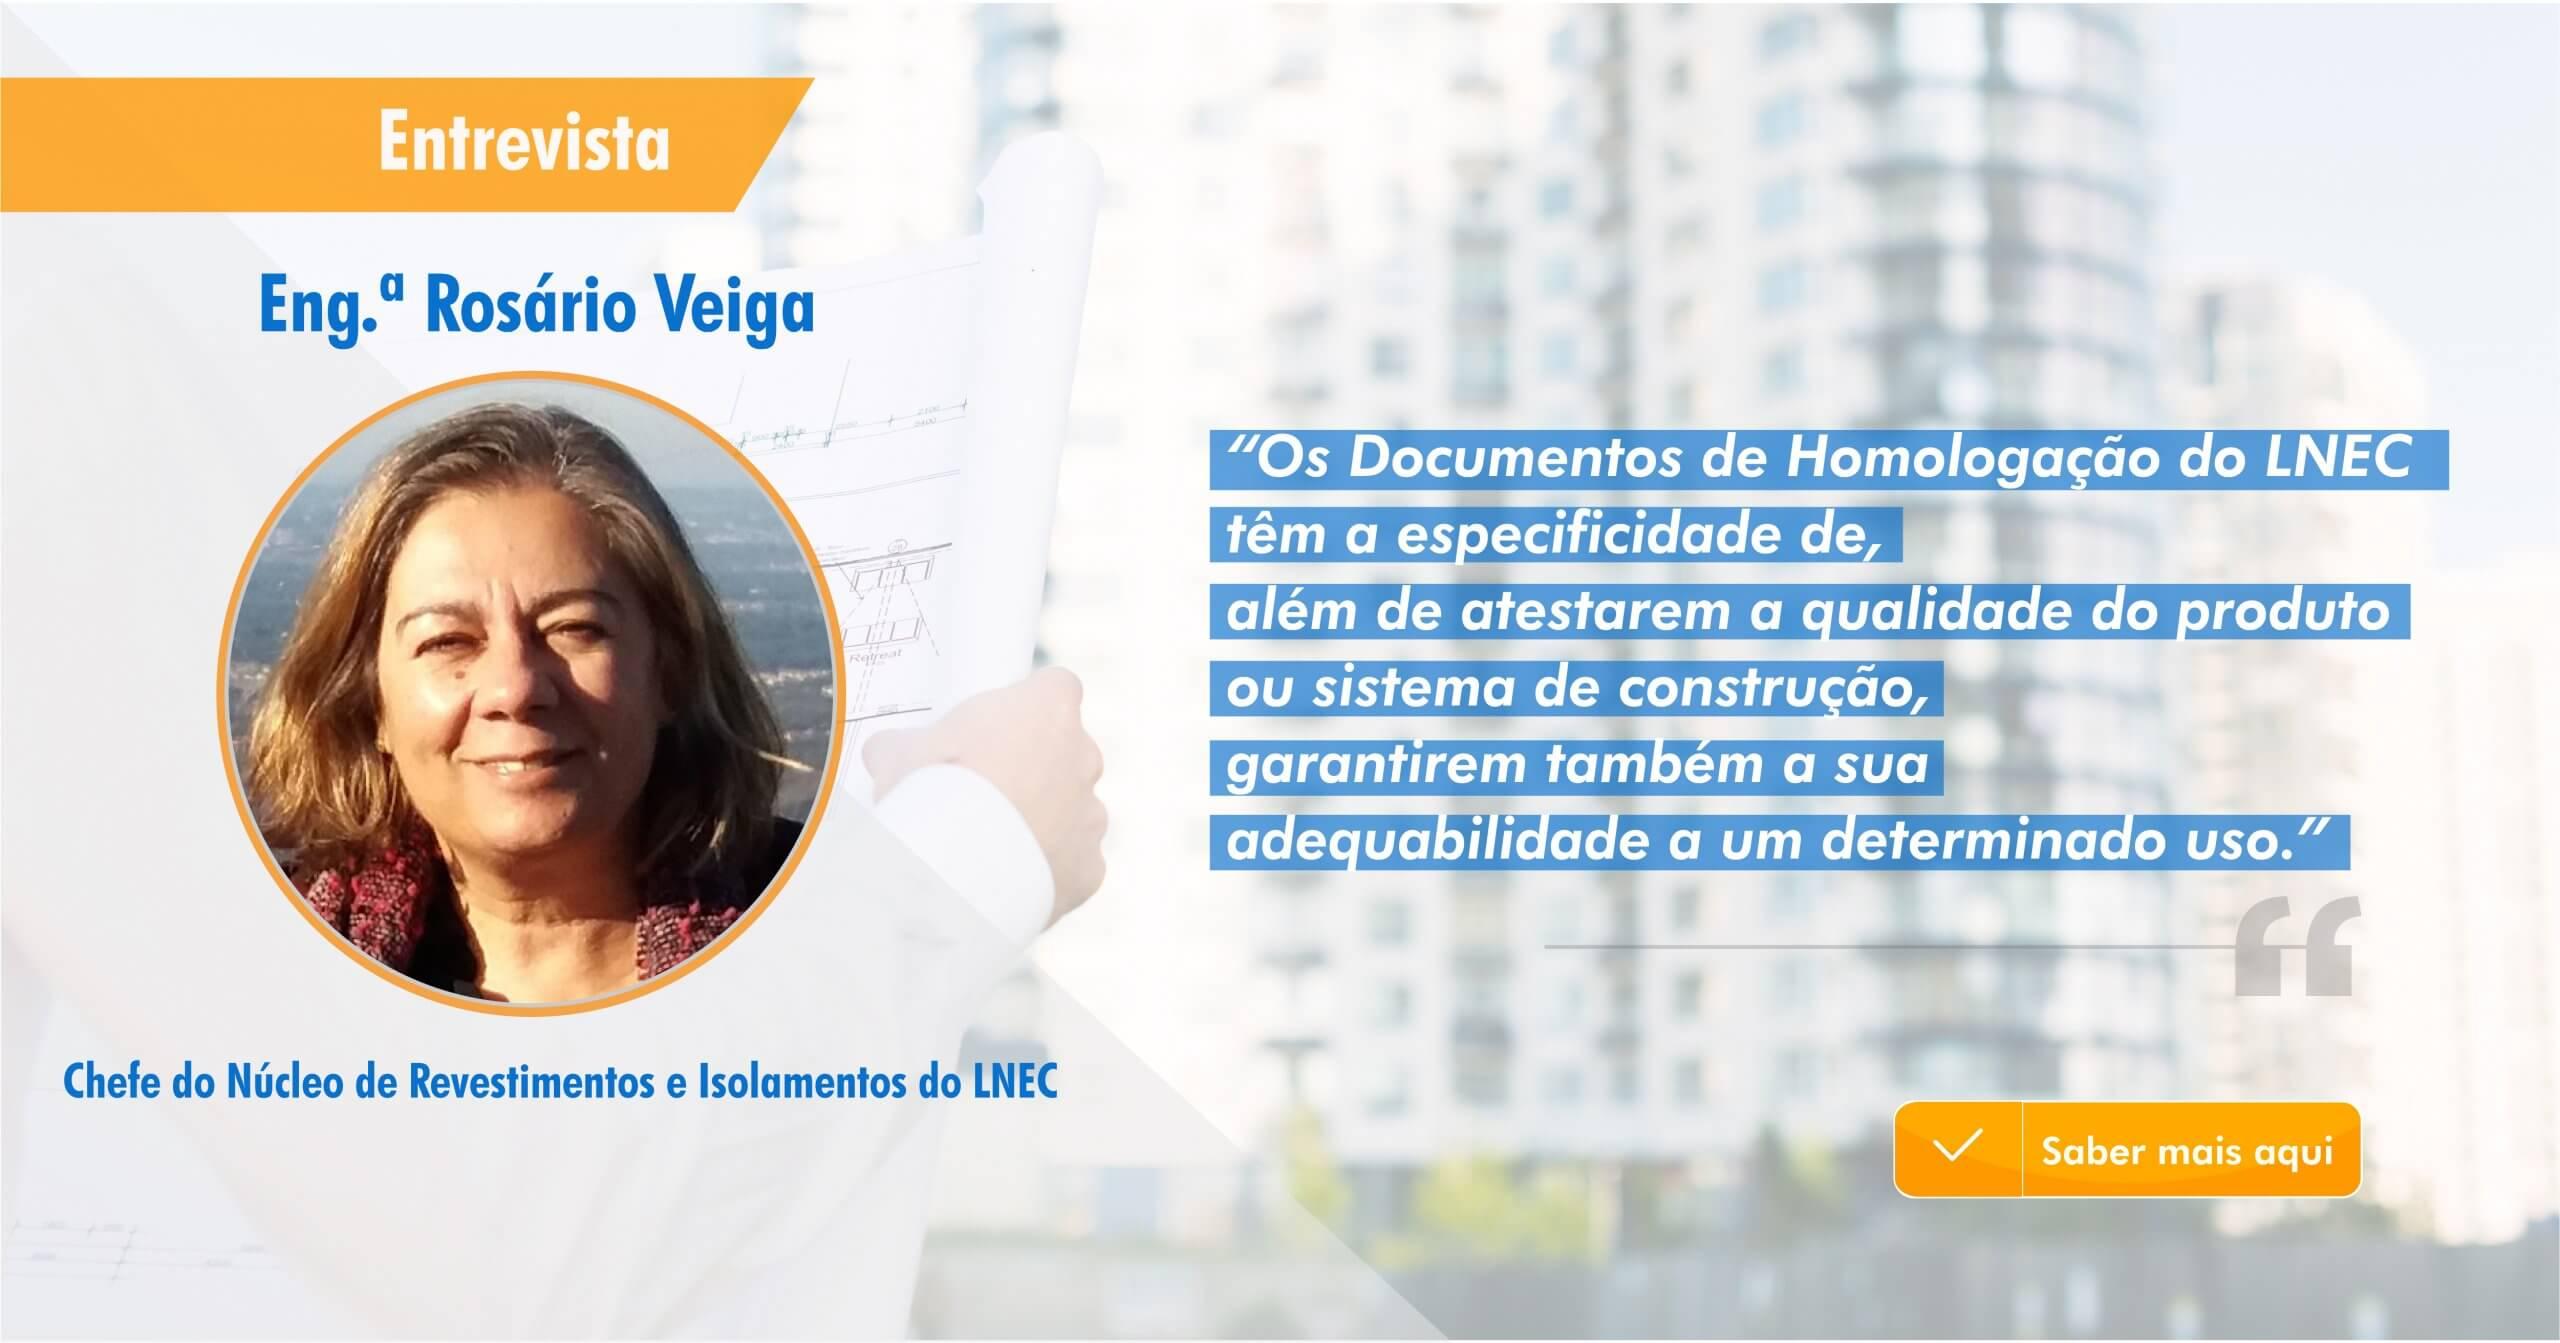 Entrevista Eng.ª Rosário Veiga